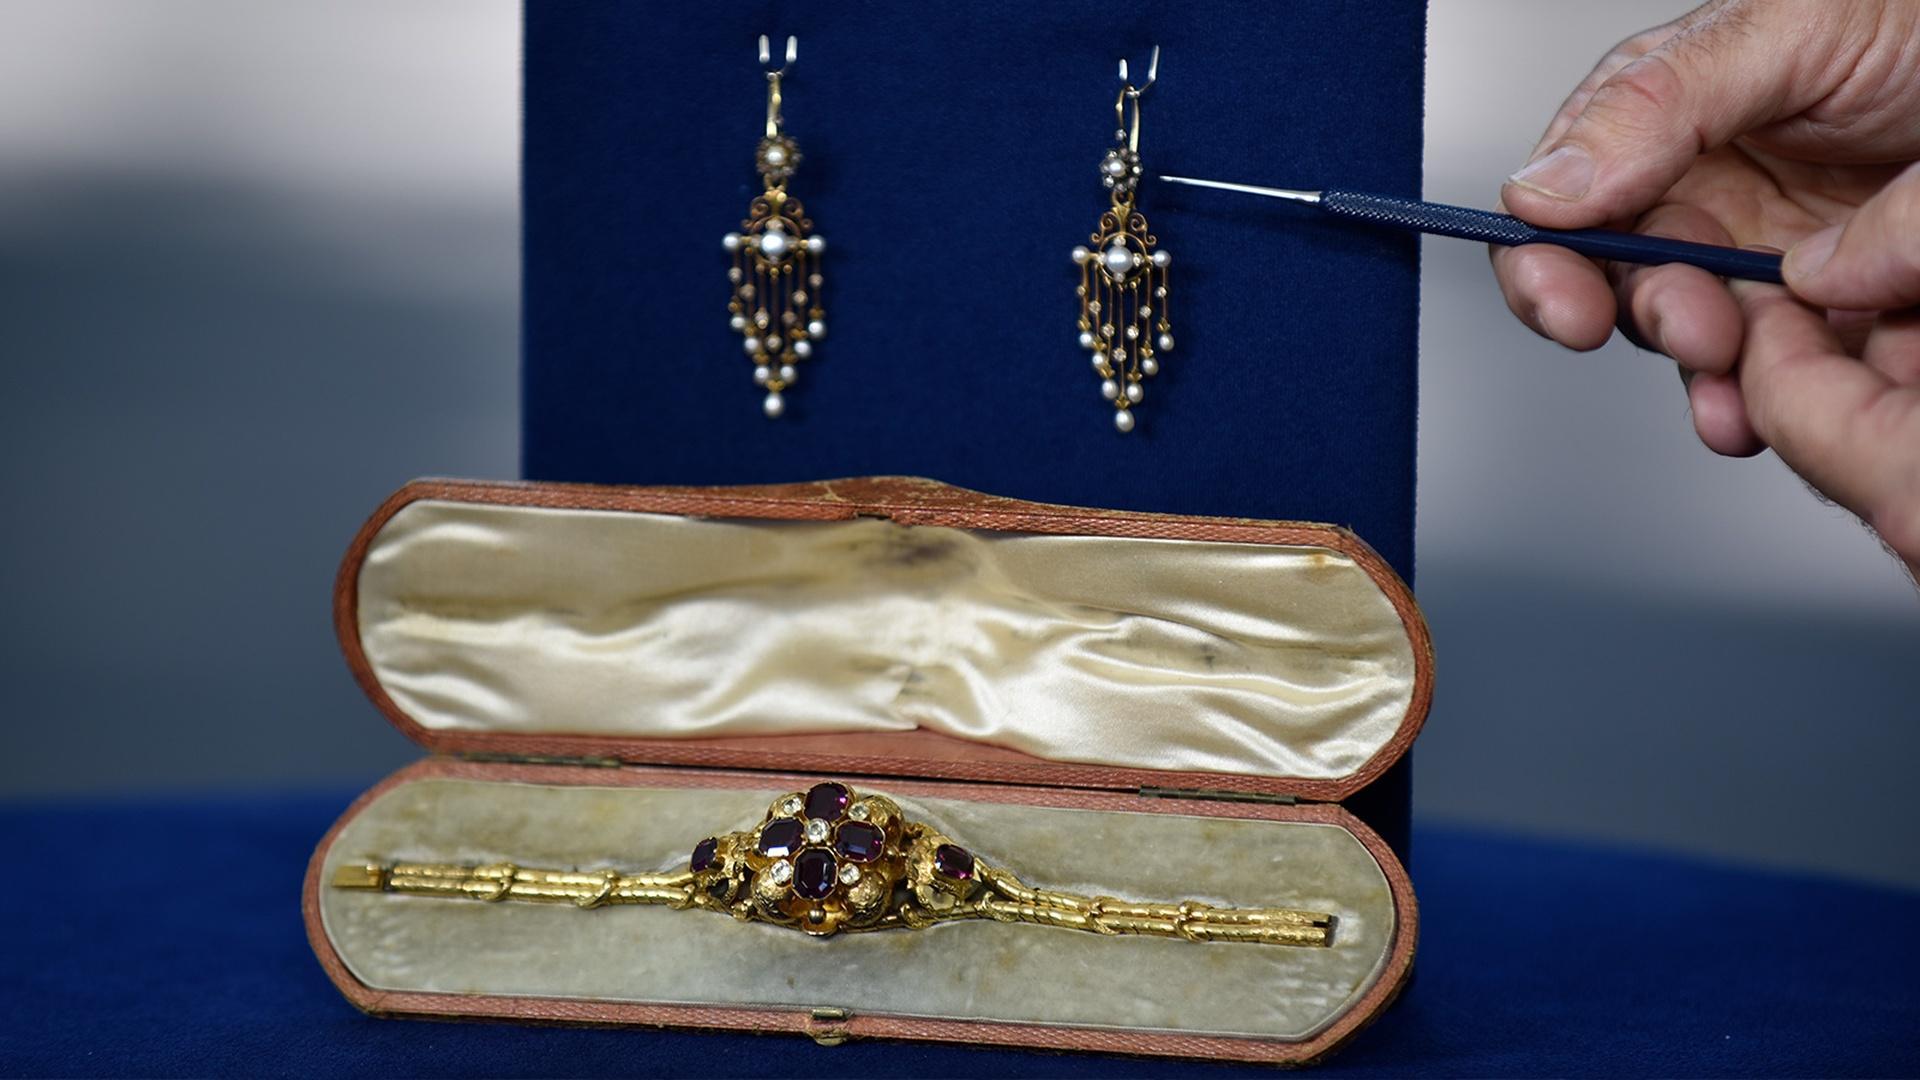 S24 E25 Appraisal Chandelier Earrings Georgian Bracelet Antiques Roadshow Programs Pbs Socal